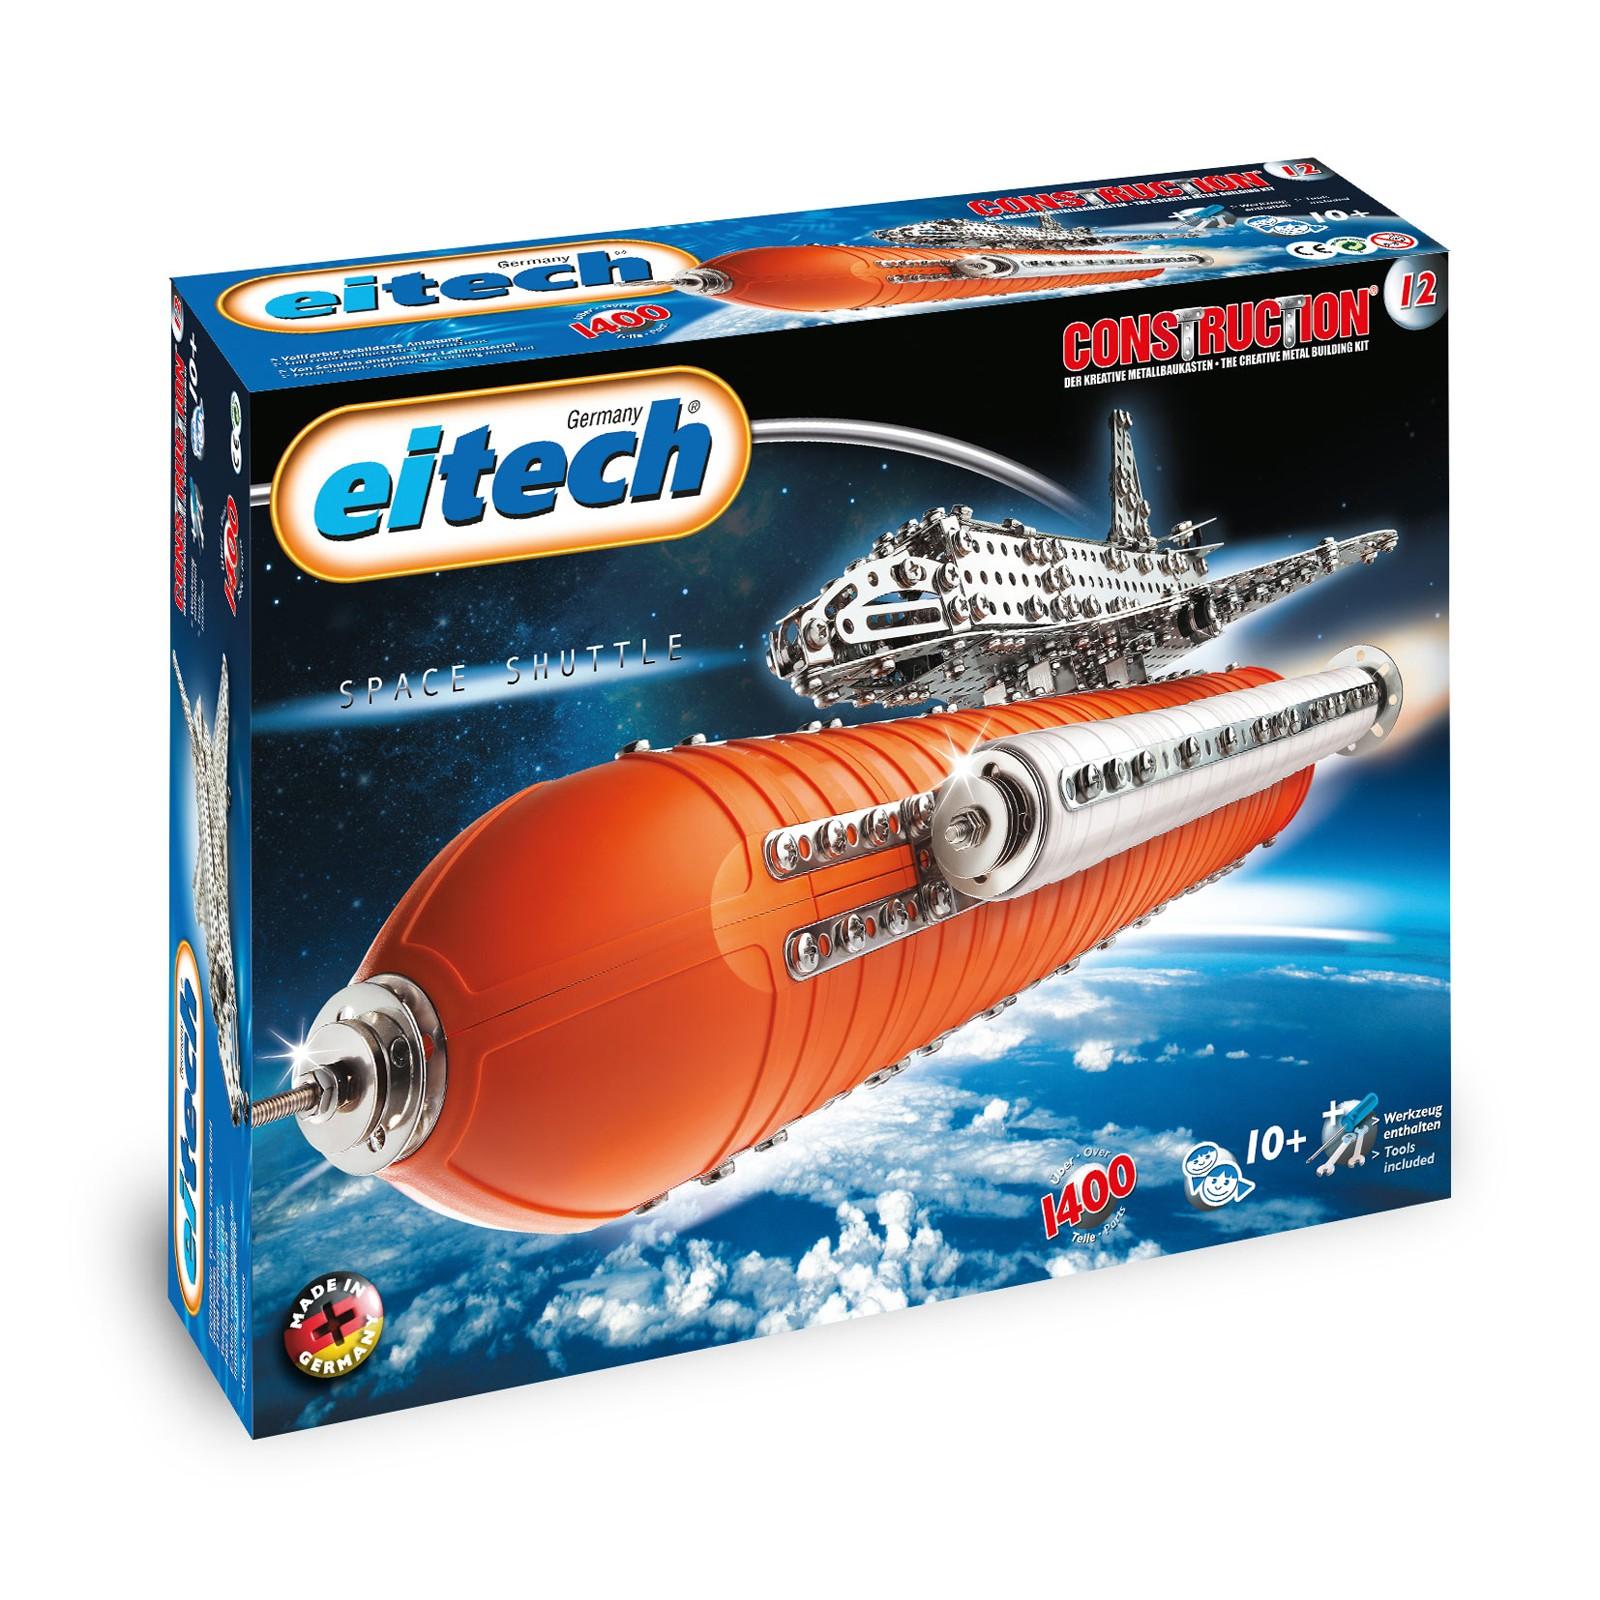 EITECH Metallbaukasten Space Shuttle Deluxe 65cm hoch